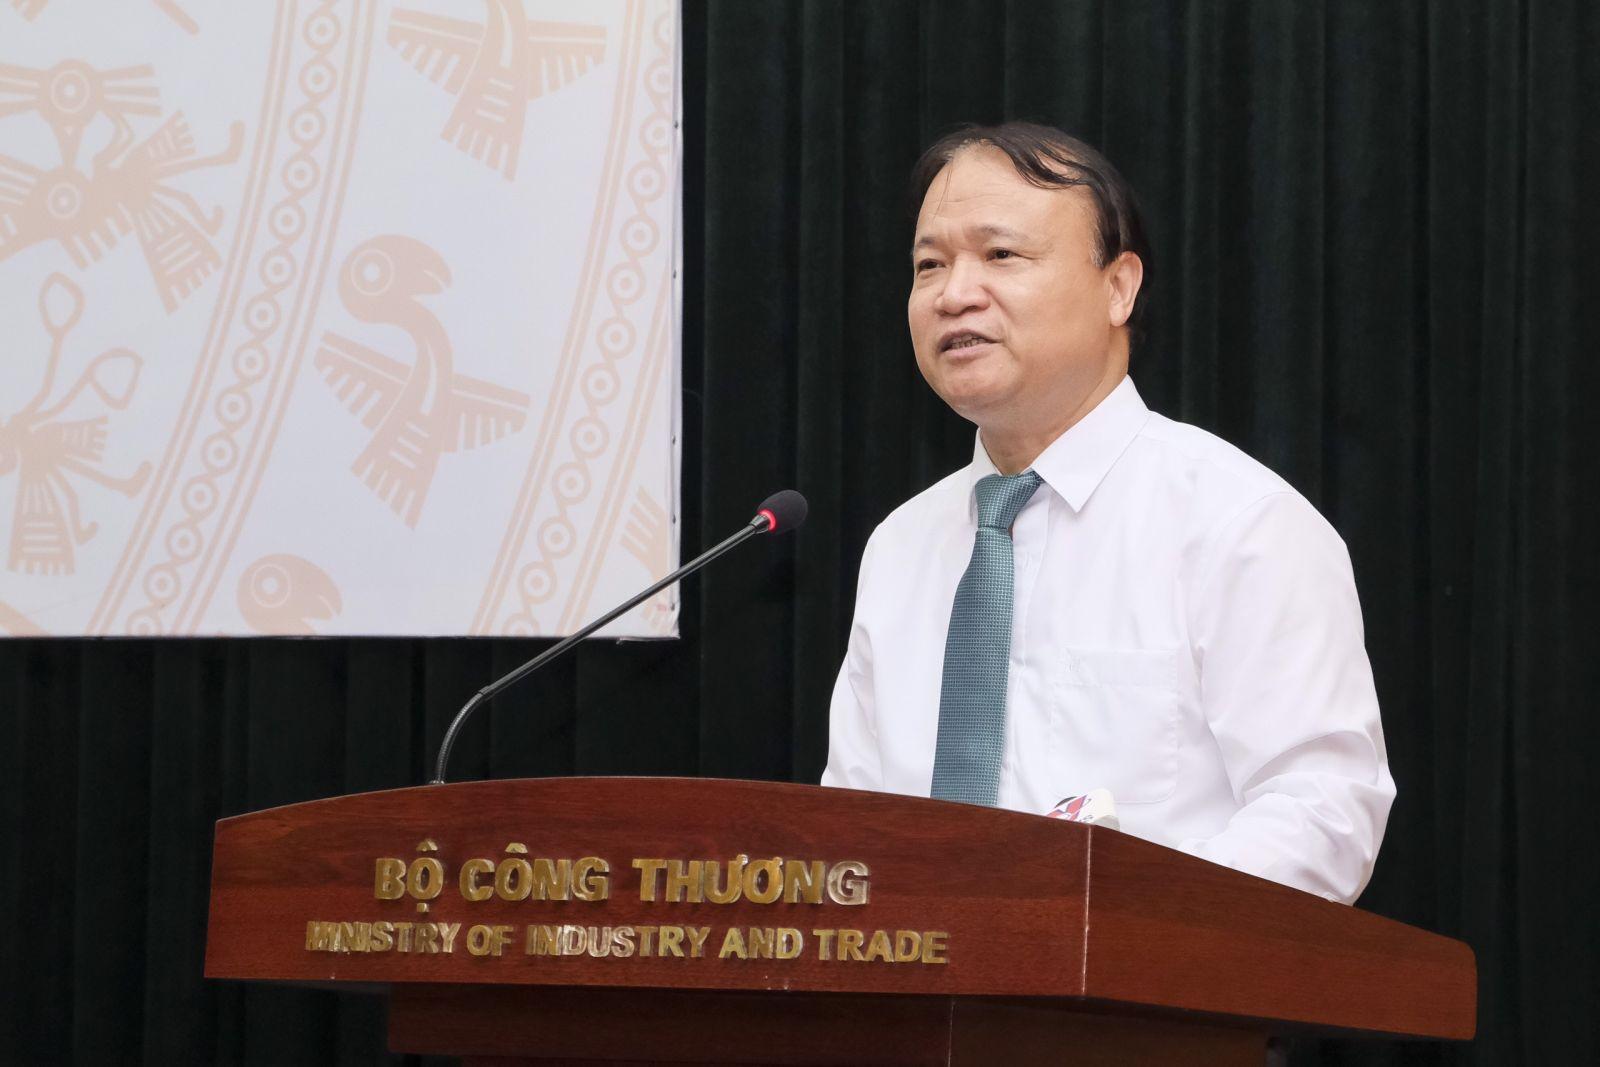 Thứ trưởng Đỗ Thắng Hải tại buổi họp báo